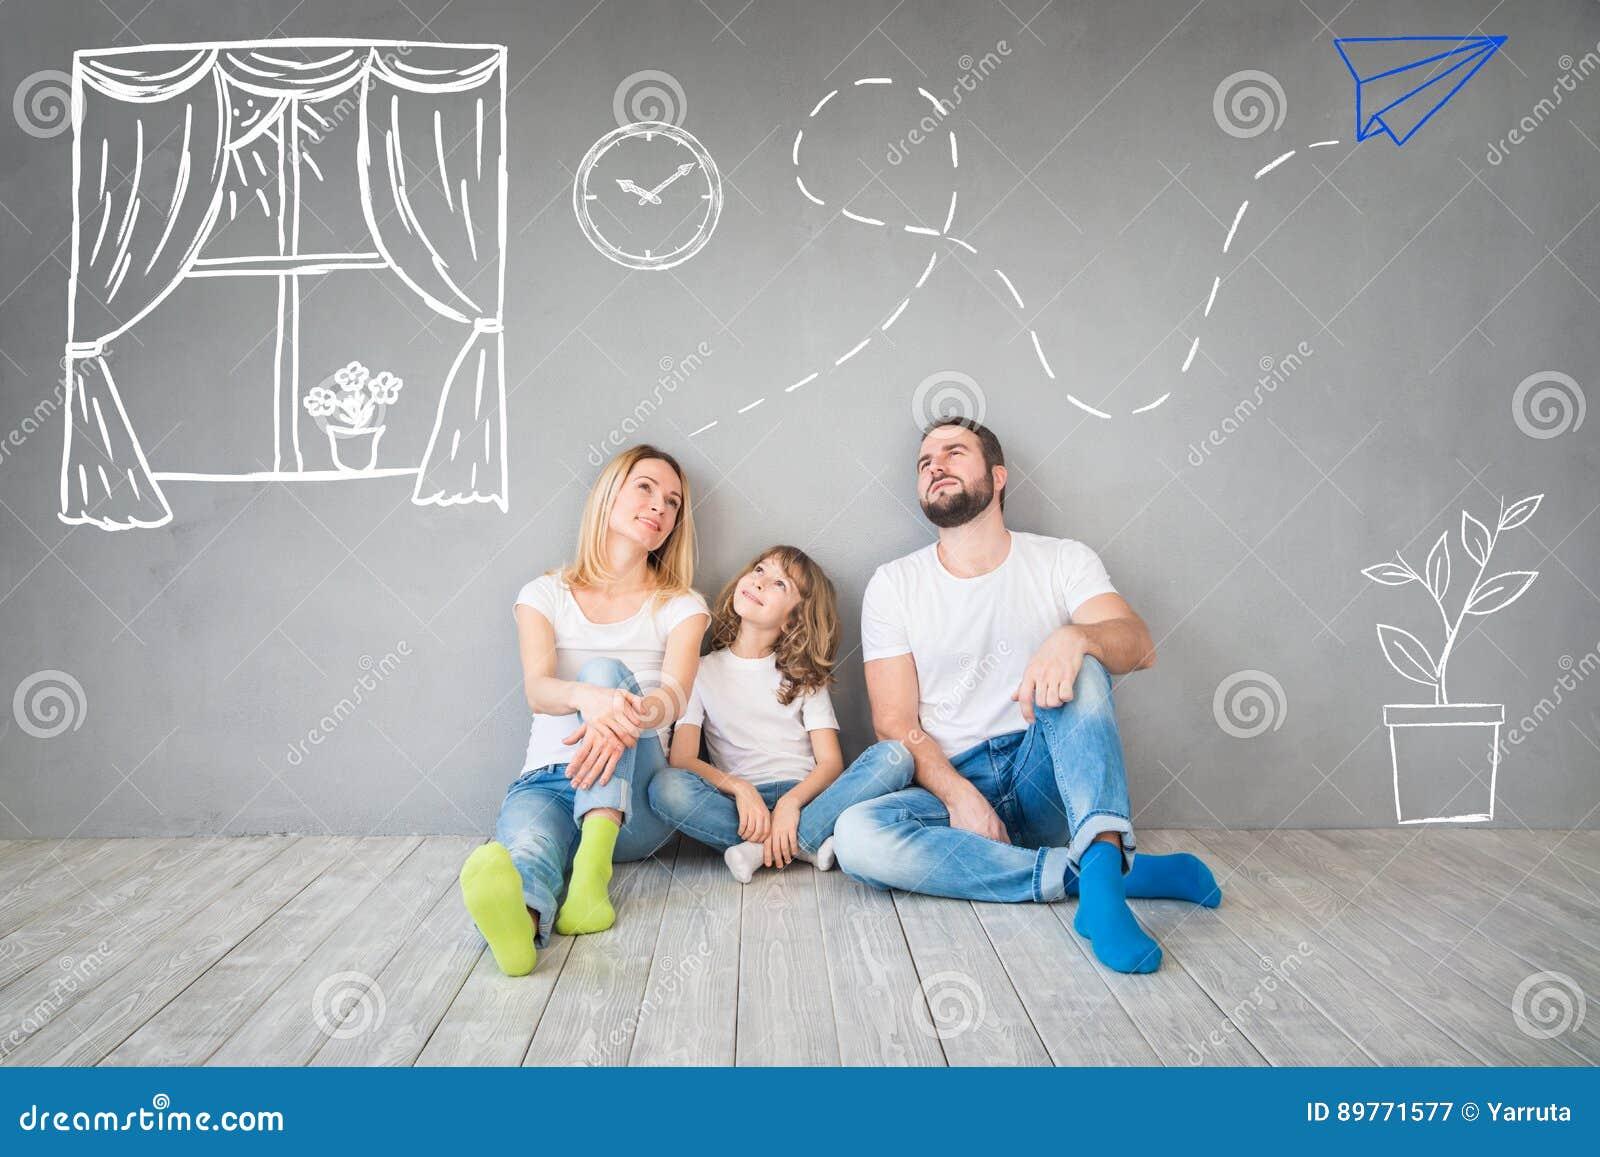 För daghus för familj nytt hem- rörande begrepp